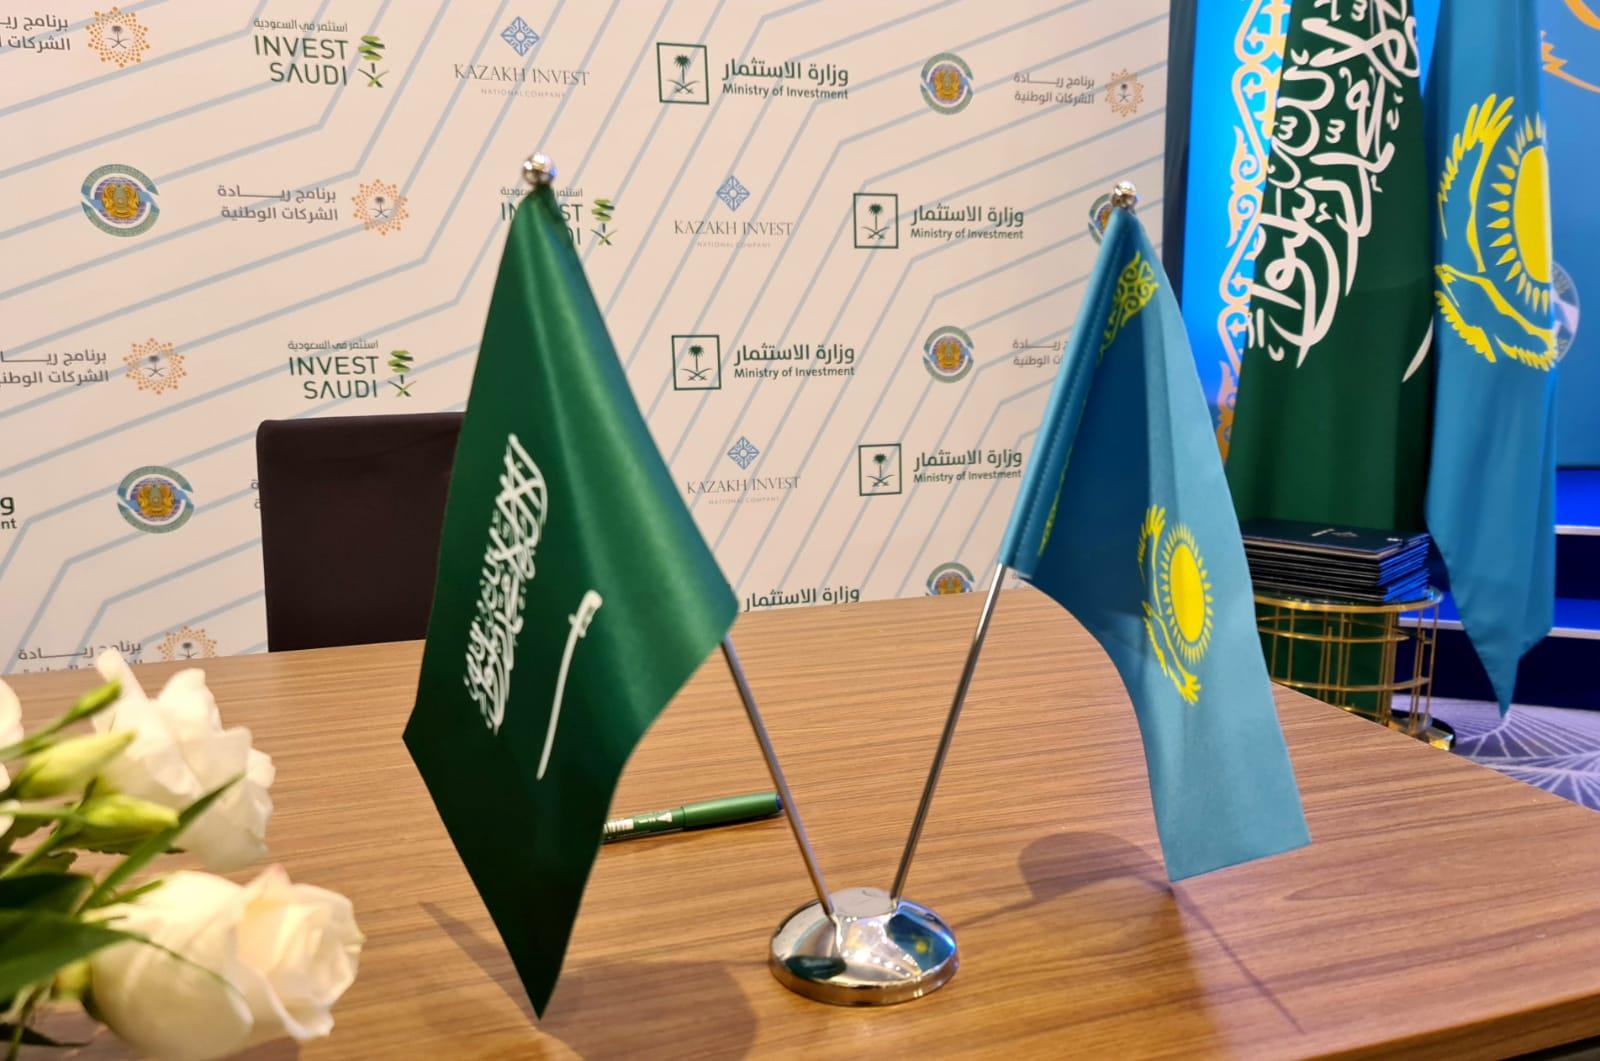 QazVac вакцинасы Сауд Арабиясында өндірілуі мүмкін